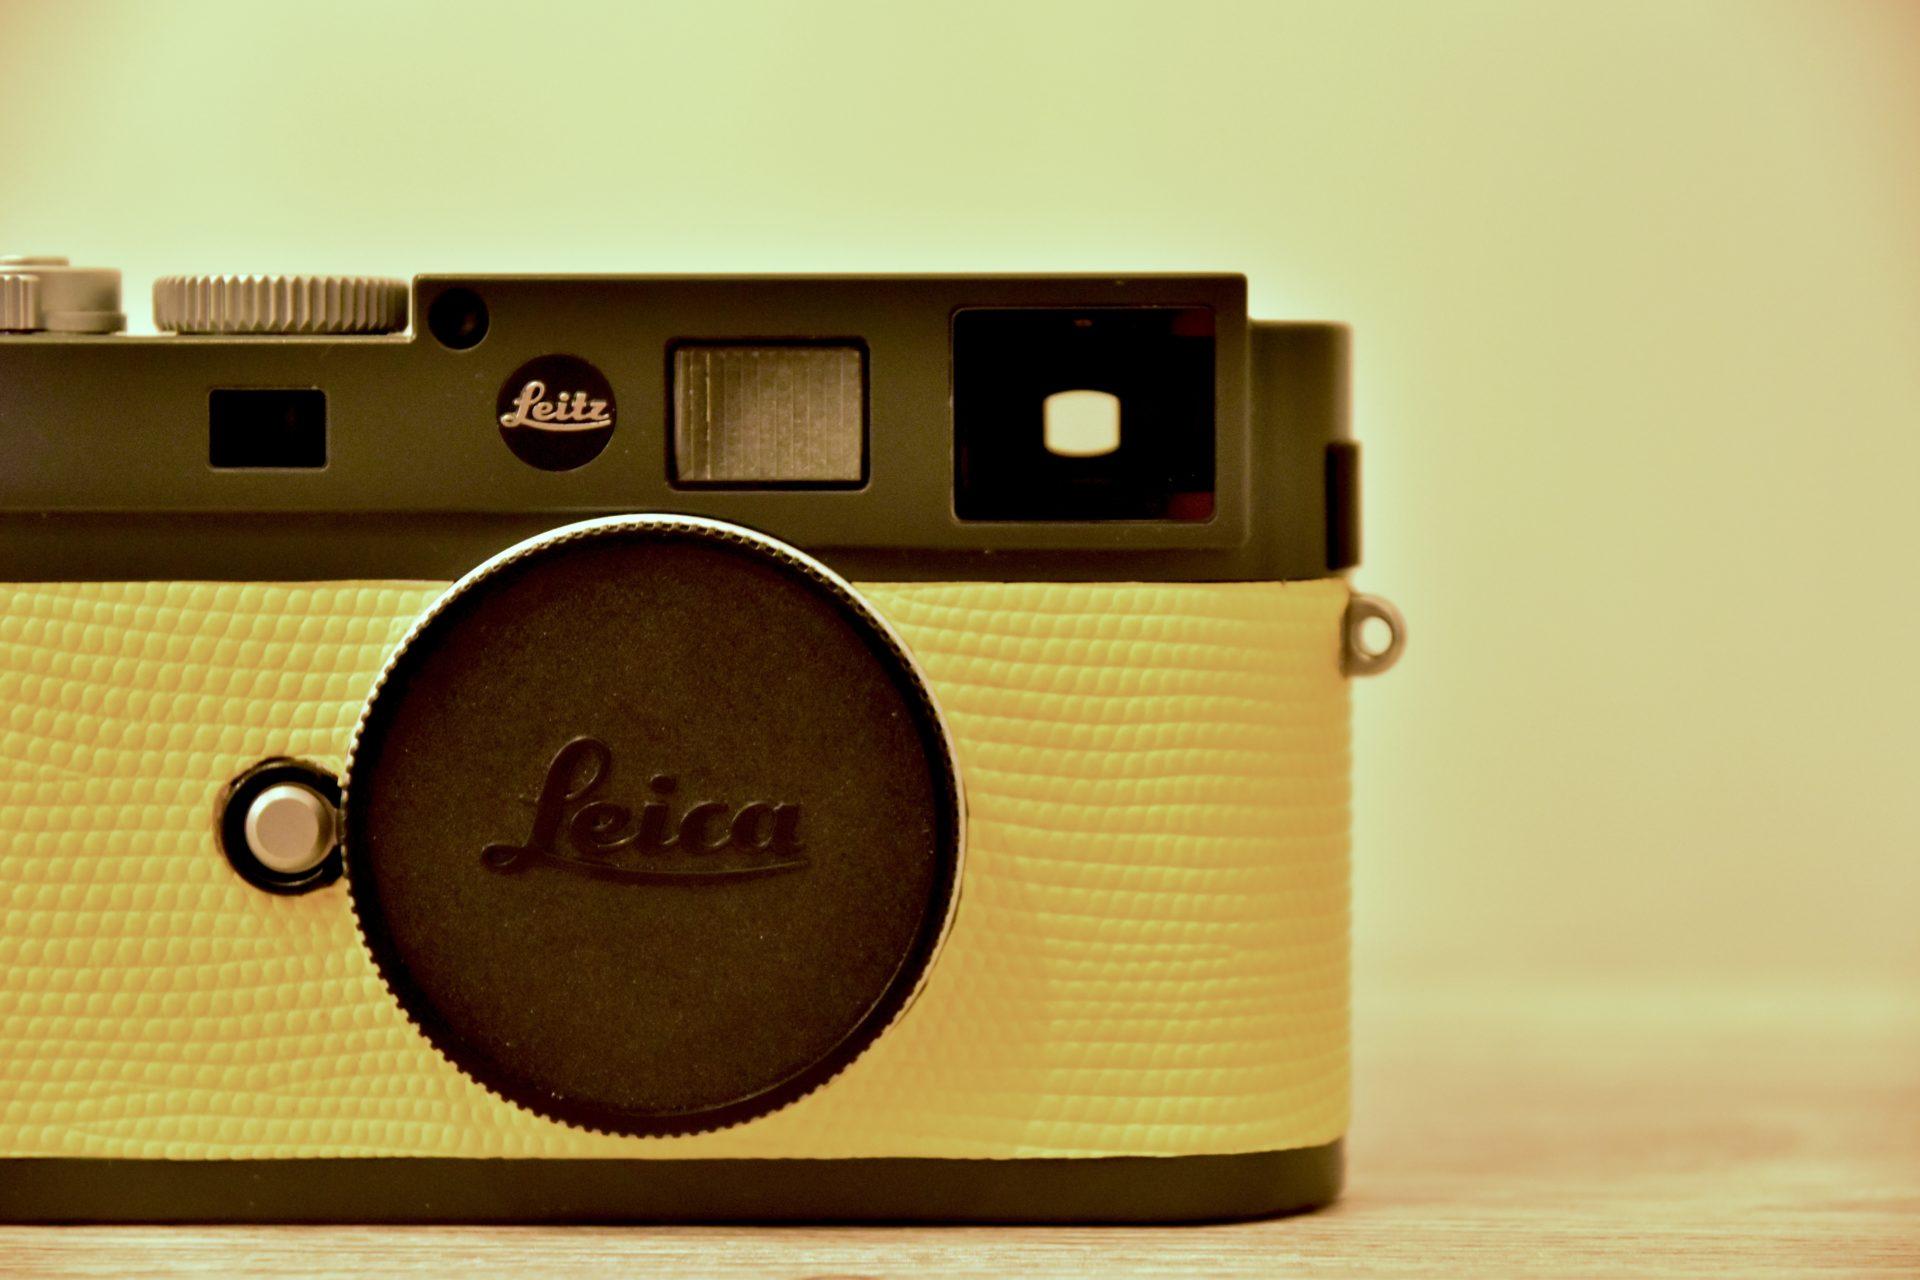 Leica M-Eを買い戻して、ロゴと張り革をカスタマイズした話。